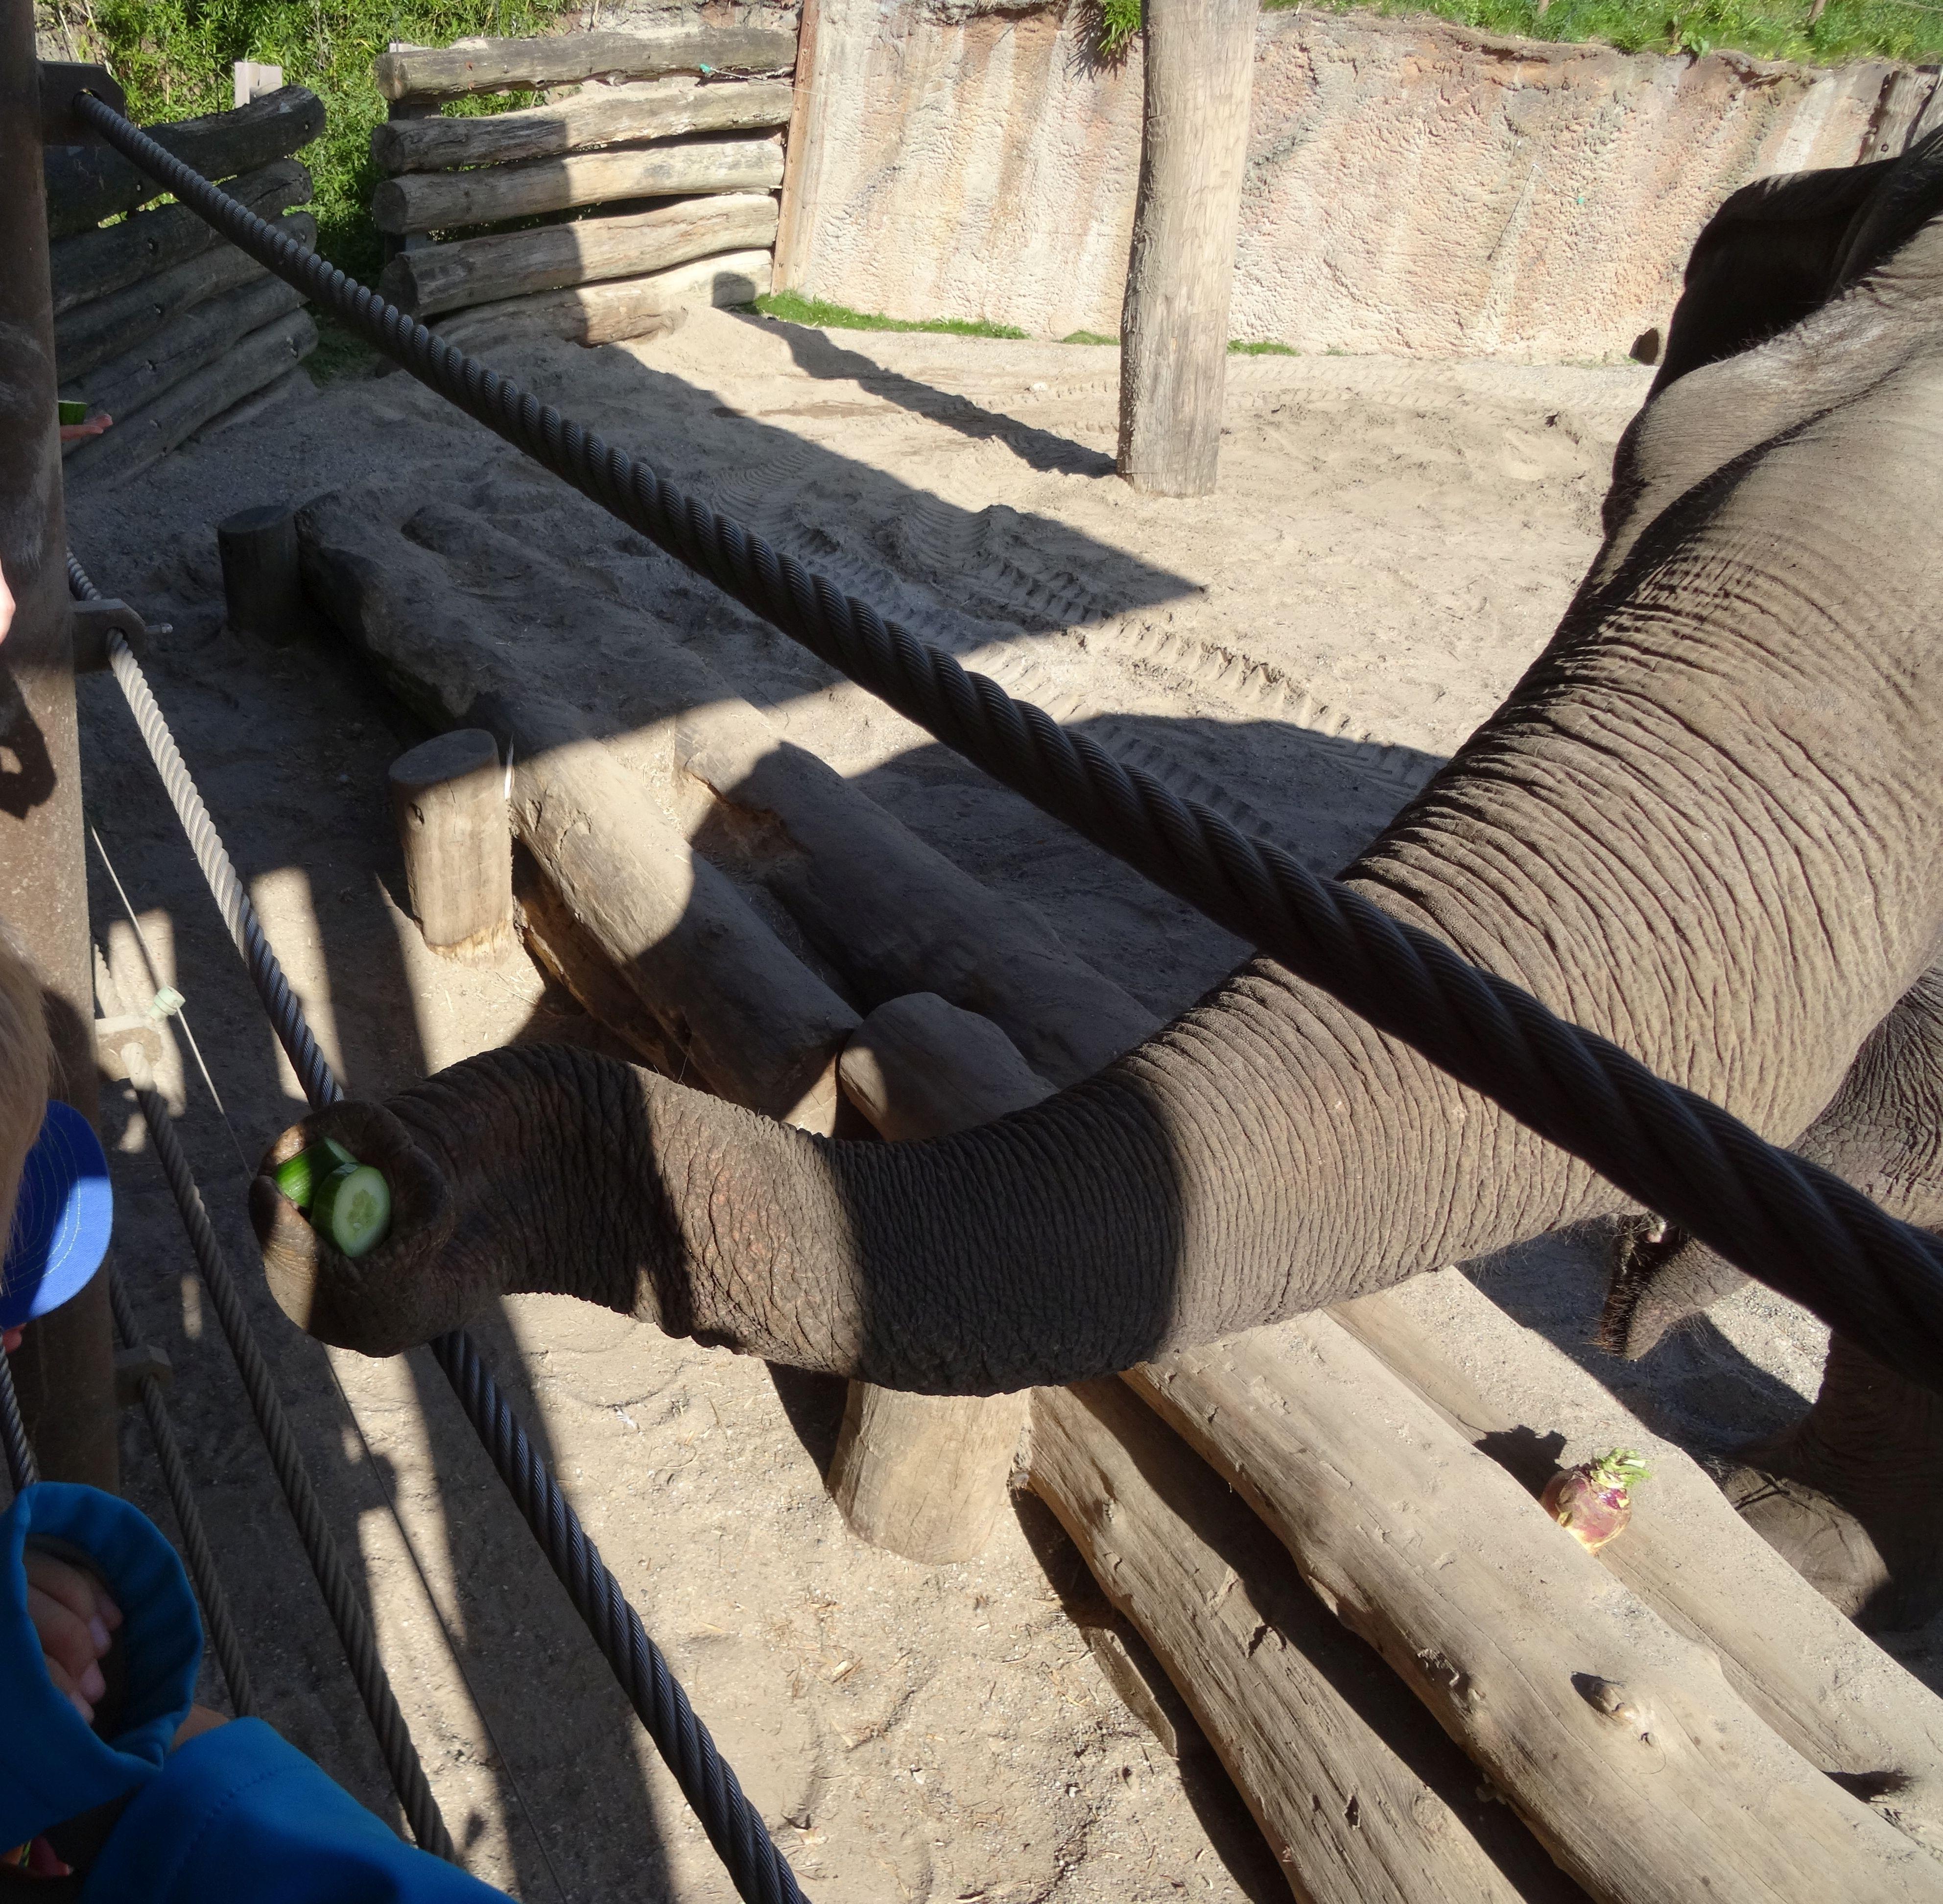 Elefant_bei_der_Fütterung_(3)